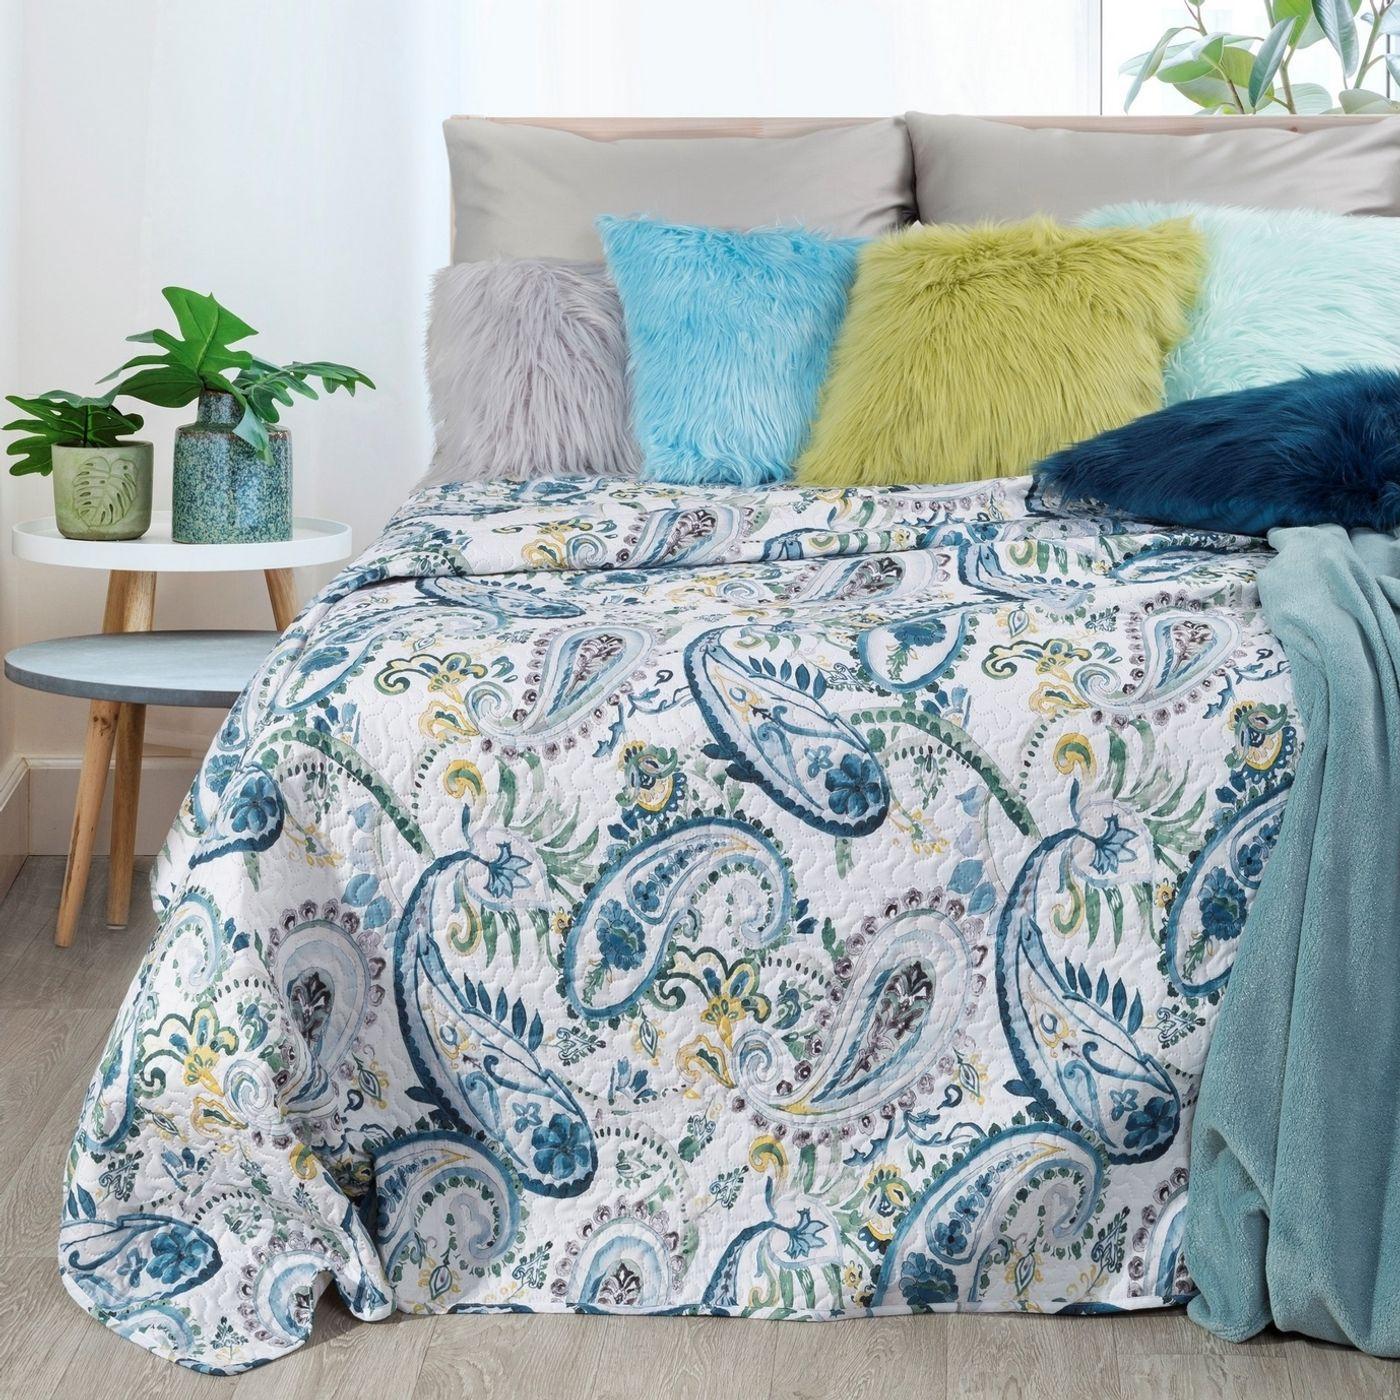 Narzuta na łóżko pikowana hotpress motyw roślinny 170x210 cm biało-niebiska